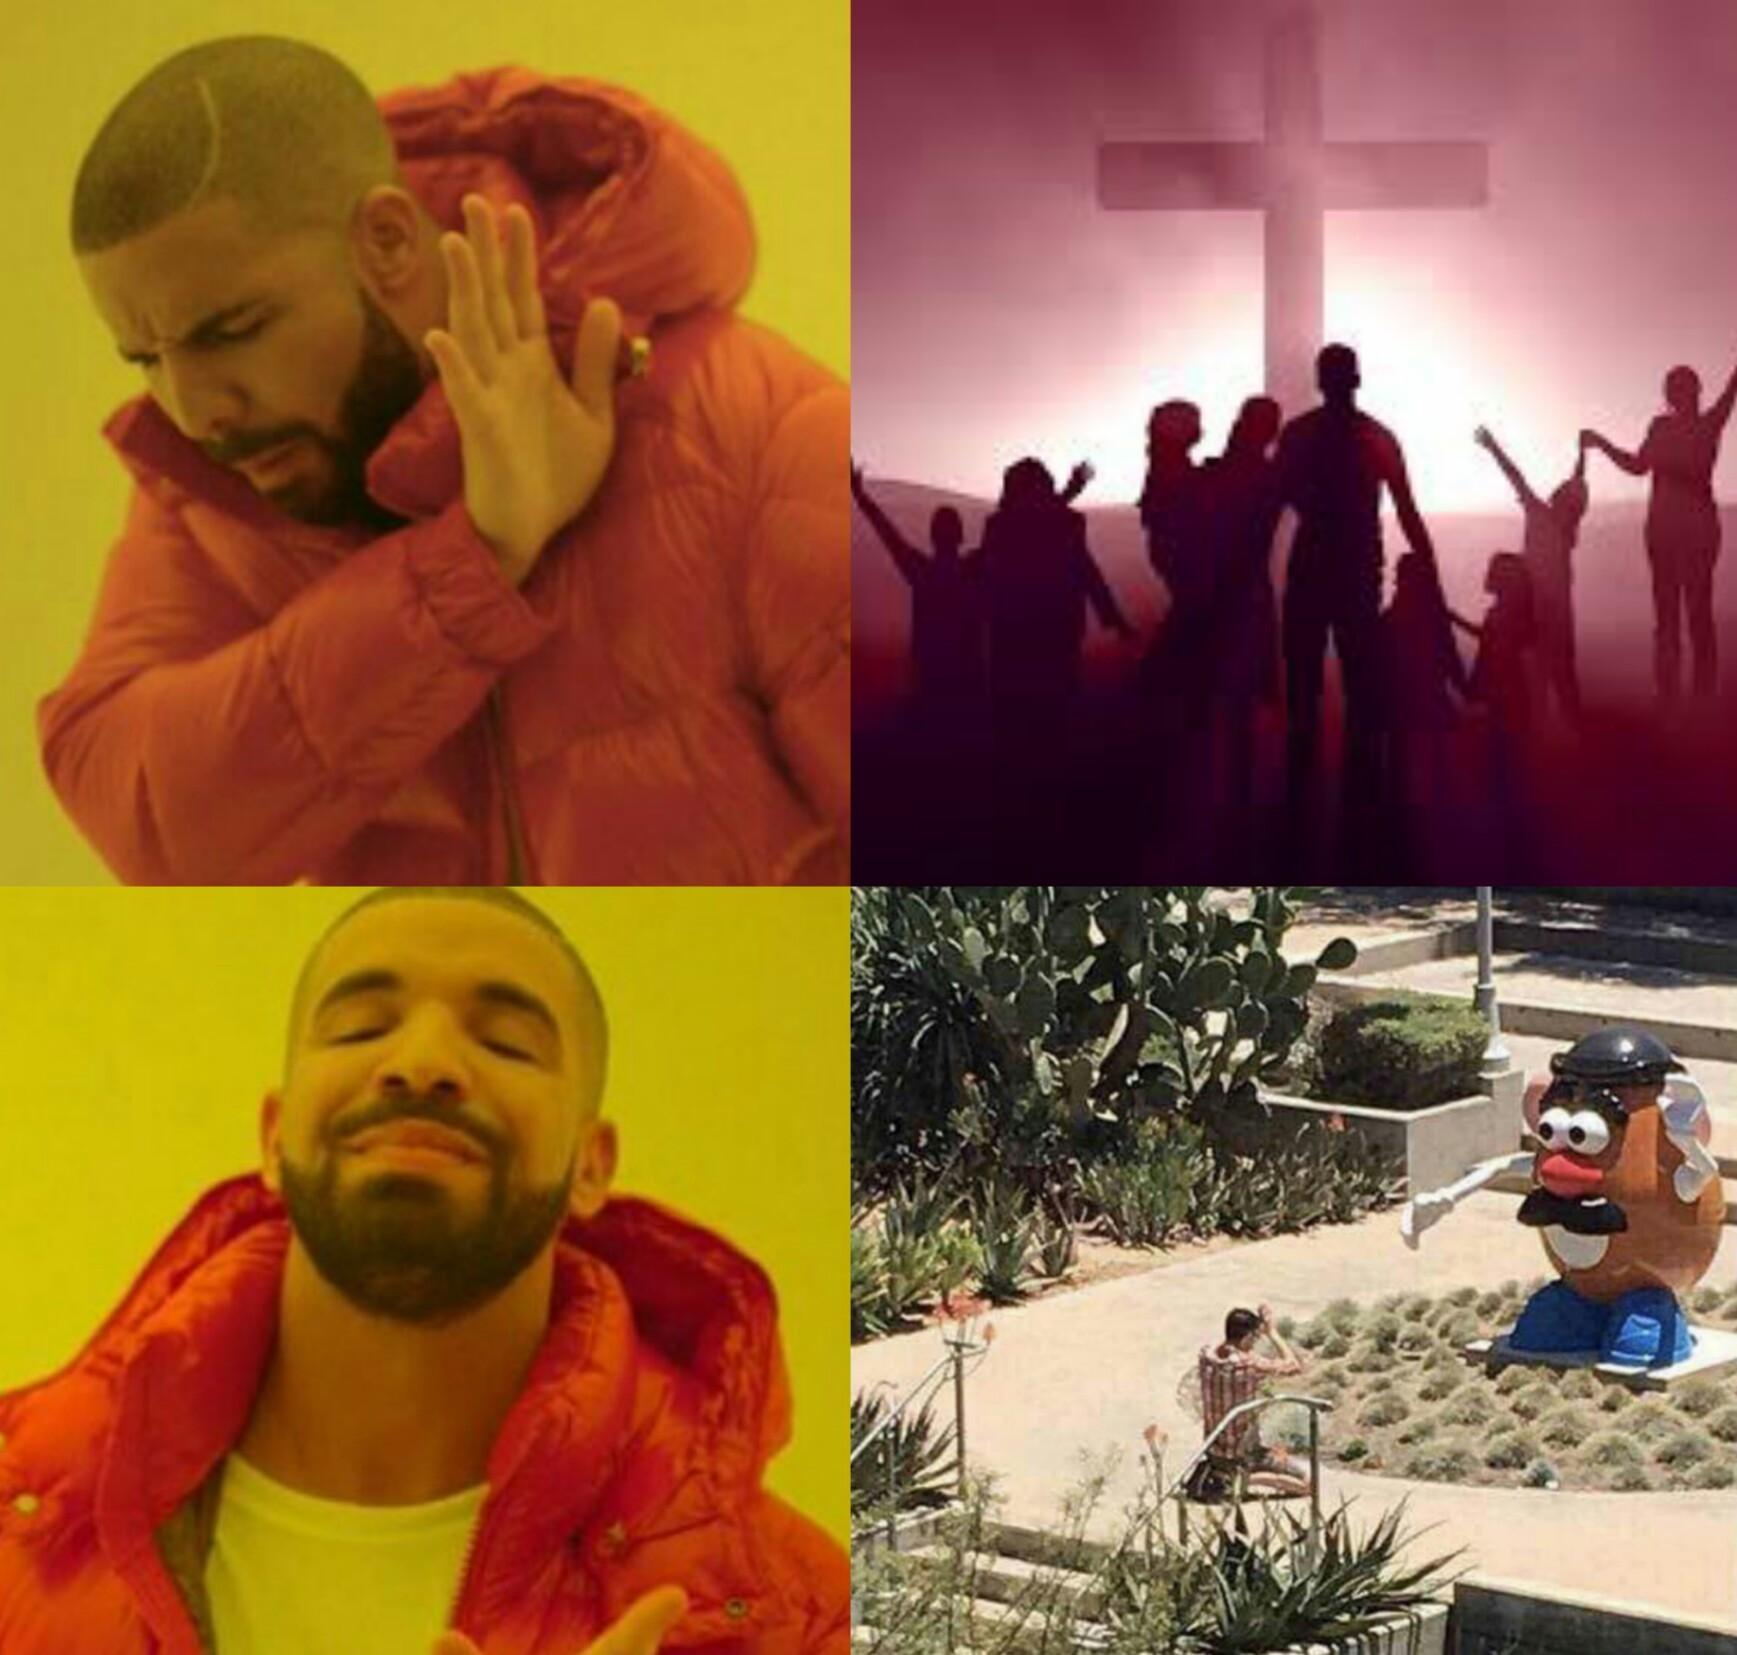 Unanse a nuestra religión - meme